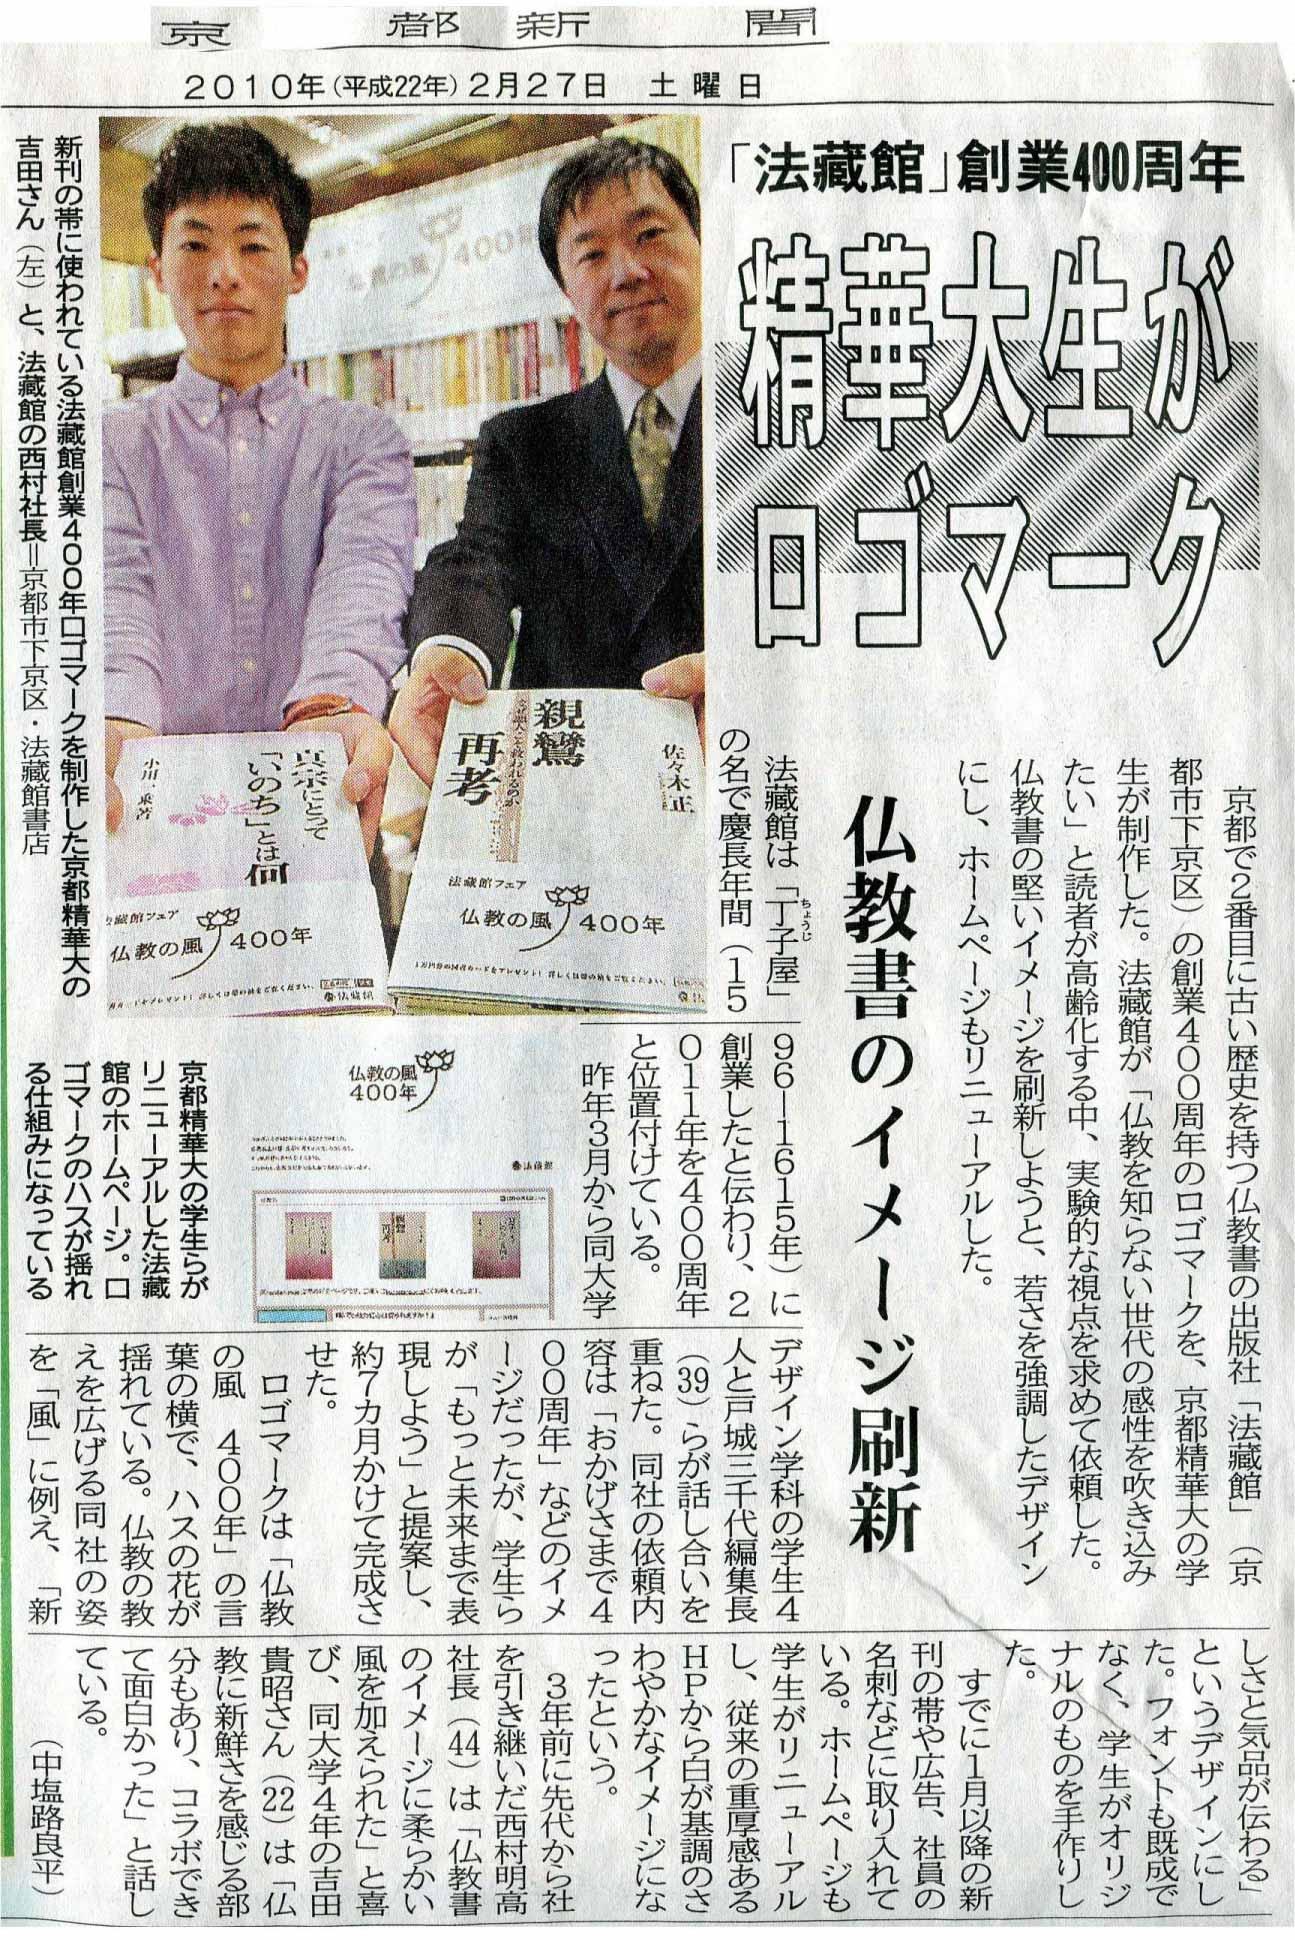 京都新聞記事 ロゴ精華大学学生と法藏館コラボ